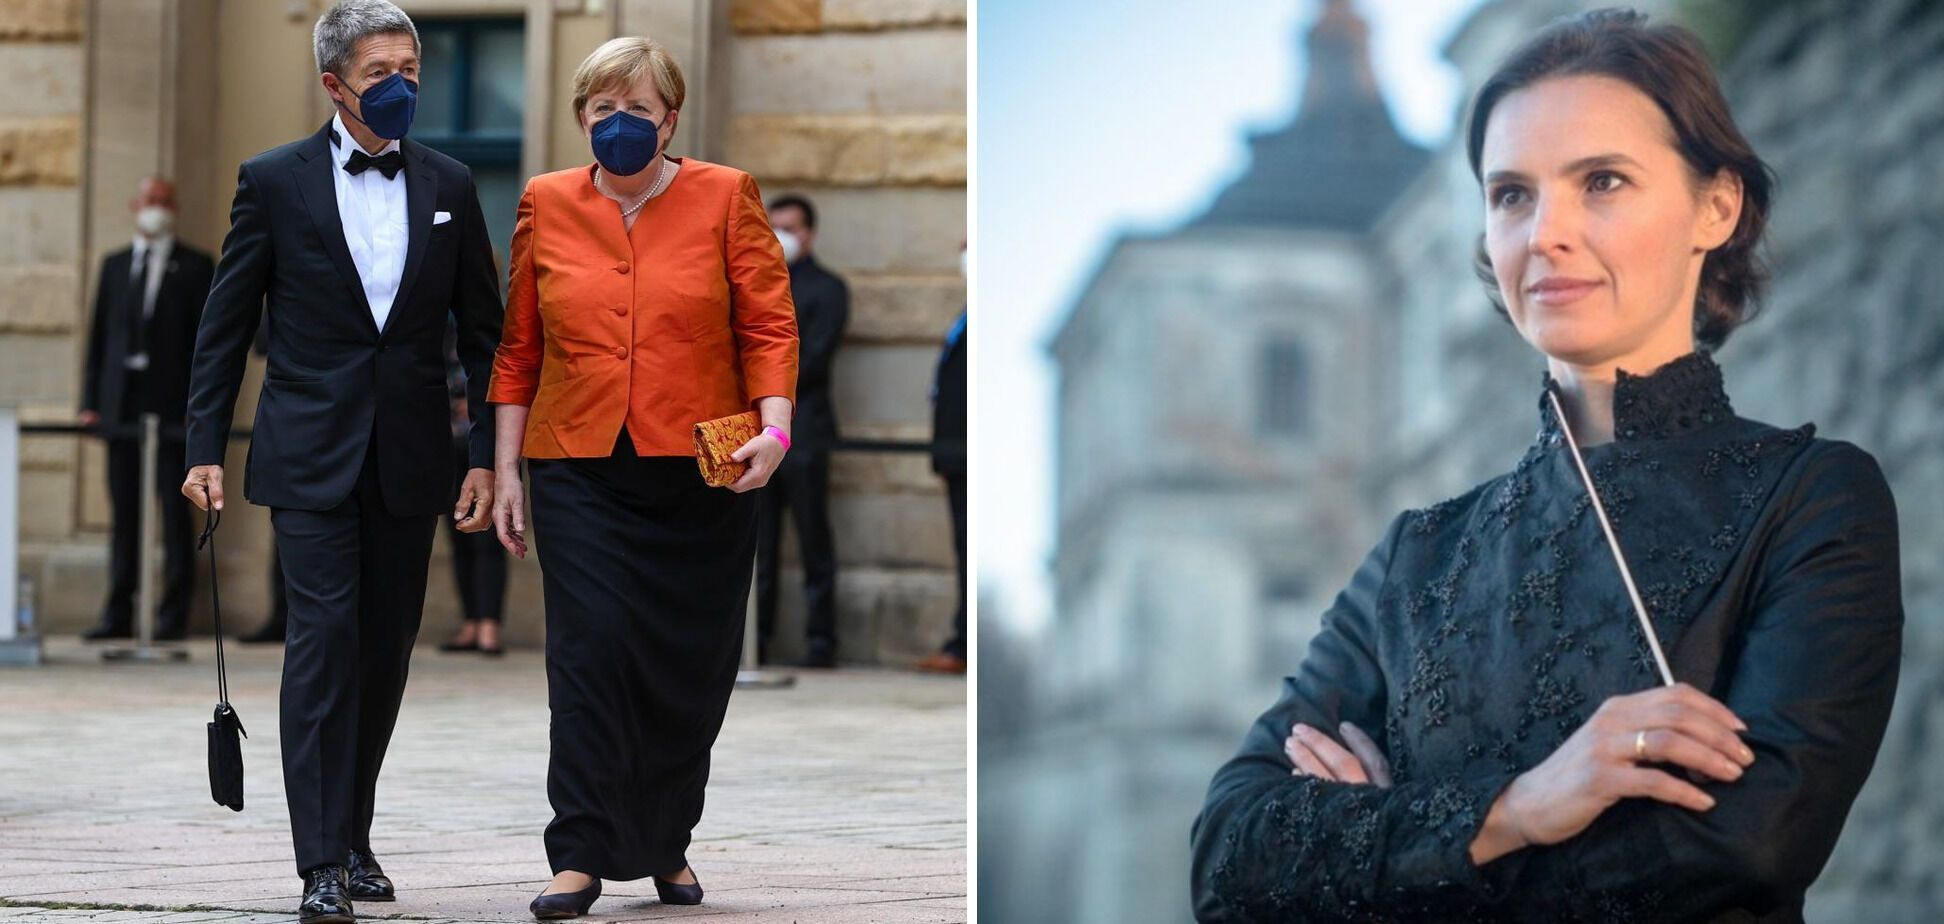 Фрау Меркель спешит на выступление фрау Лынив. Лидер Германии не пропускает Байройтский фестиваль.